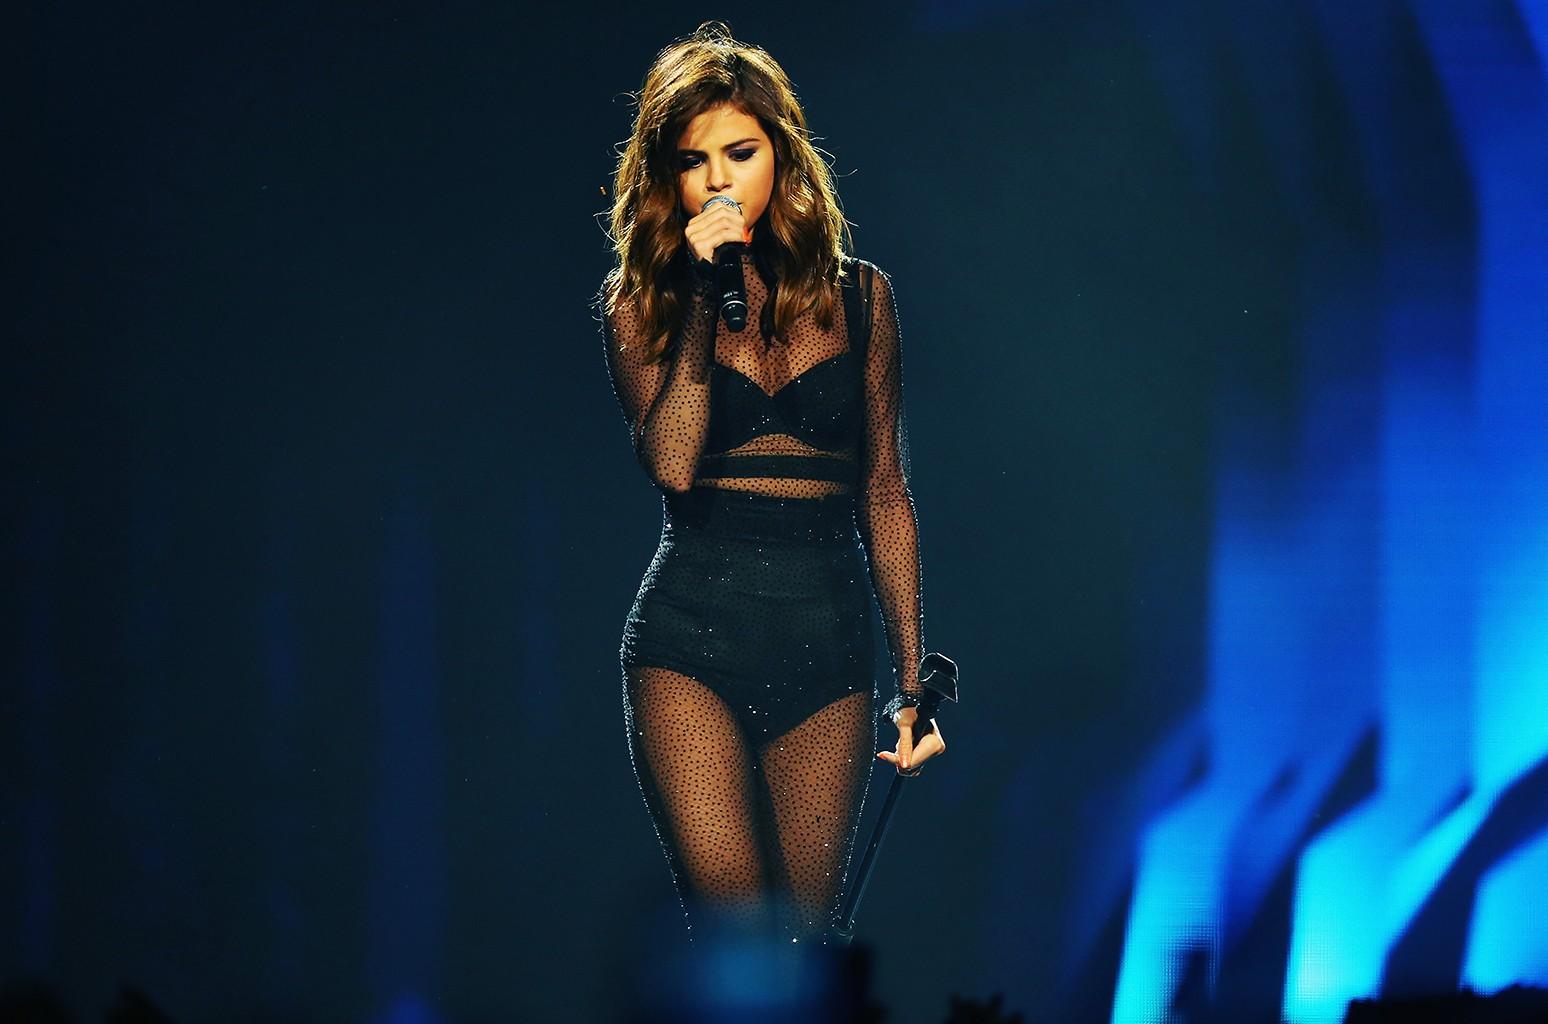 Selena Gomez performs in 2016